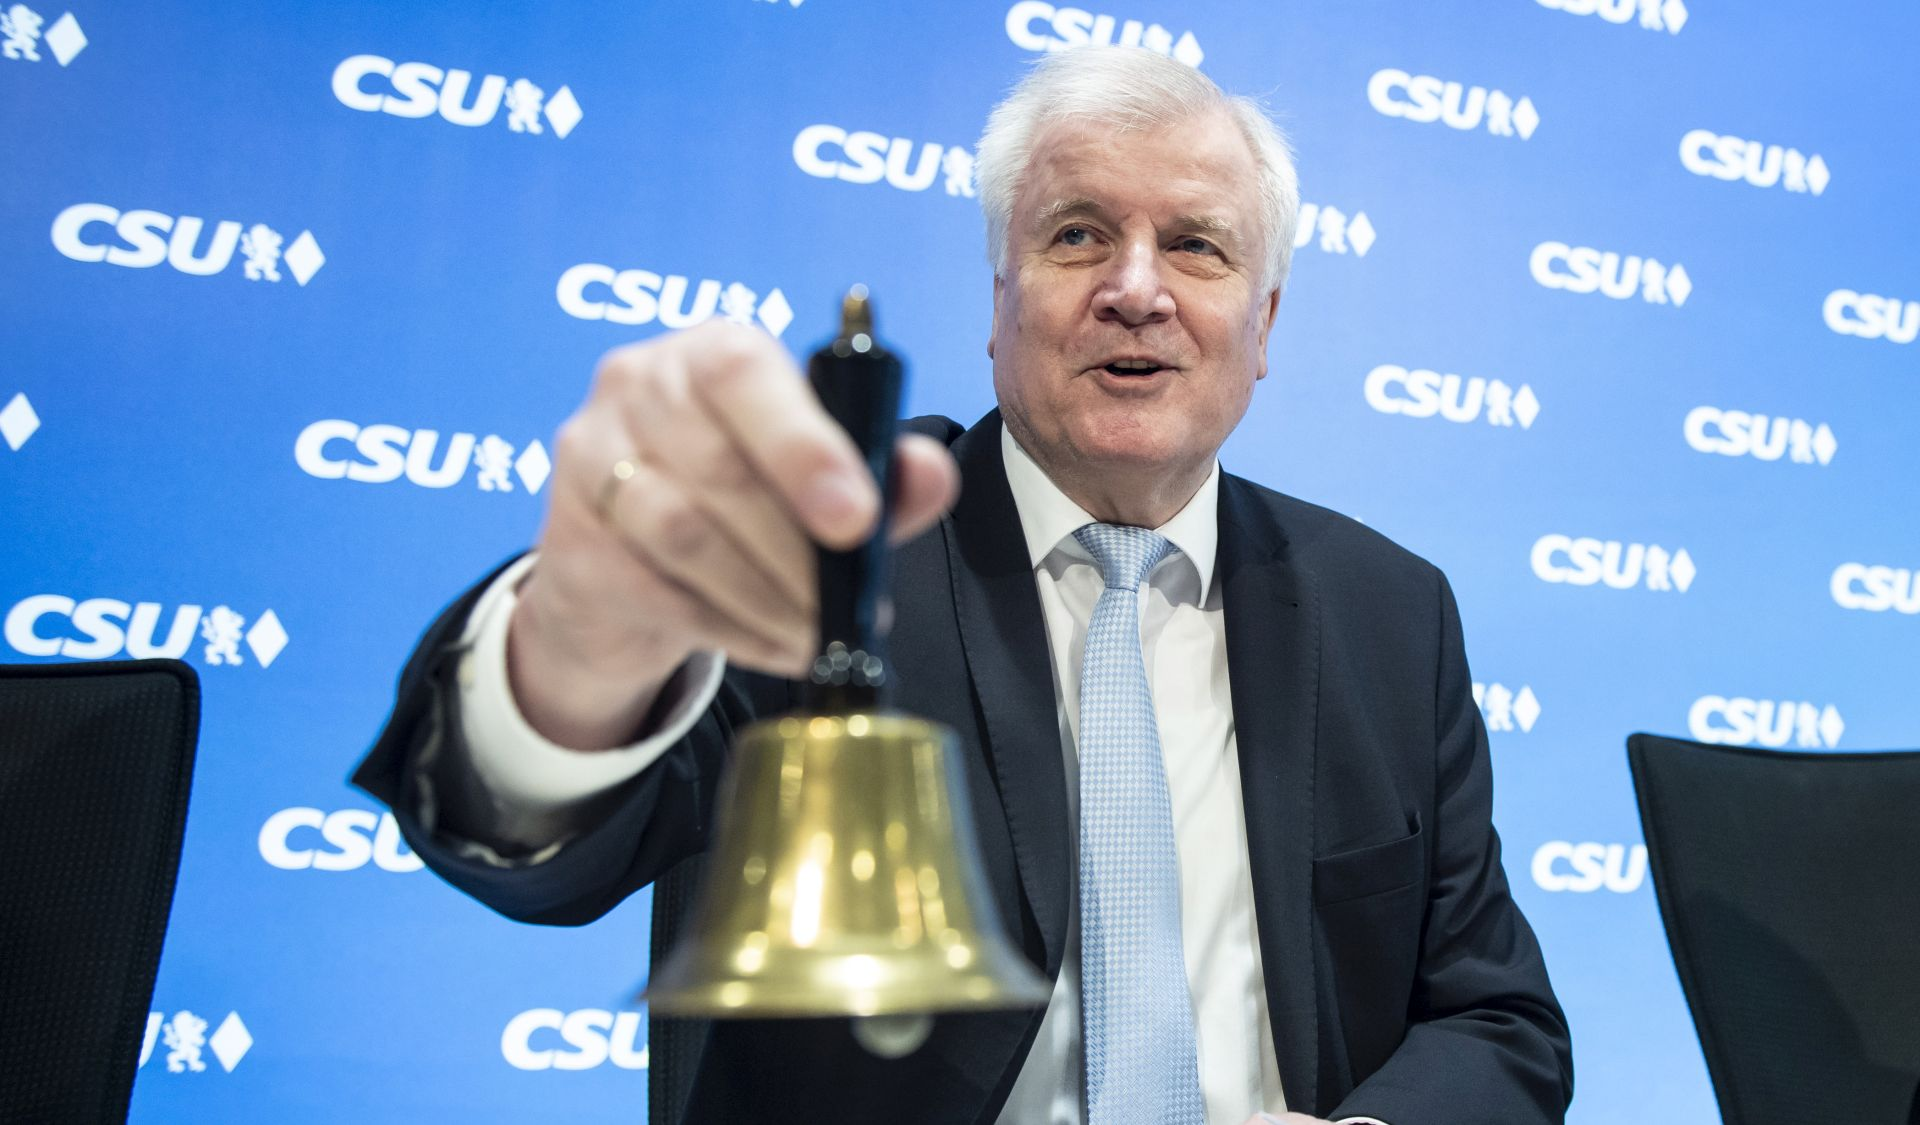 Njemačka vlada za uvođenje vjerskog poreza i za muslimane